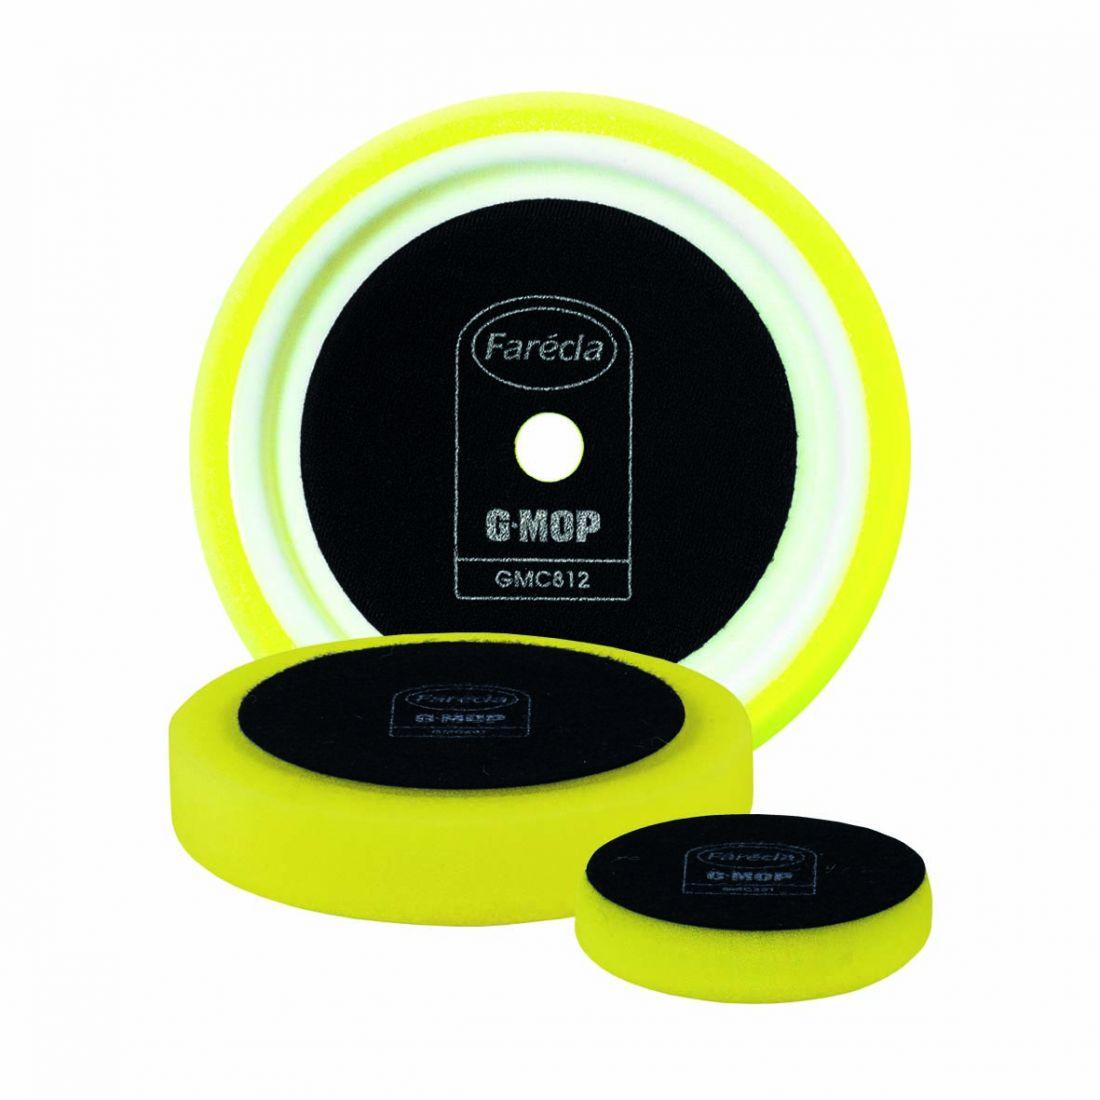 """FARECLA G Mop 8"""" Yellow Compounding Foam Жёлтый полировальник, средний, 200мм."""